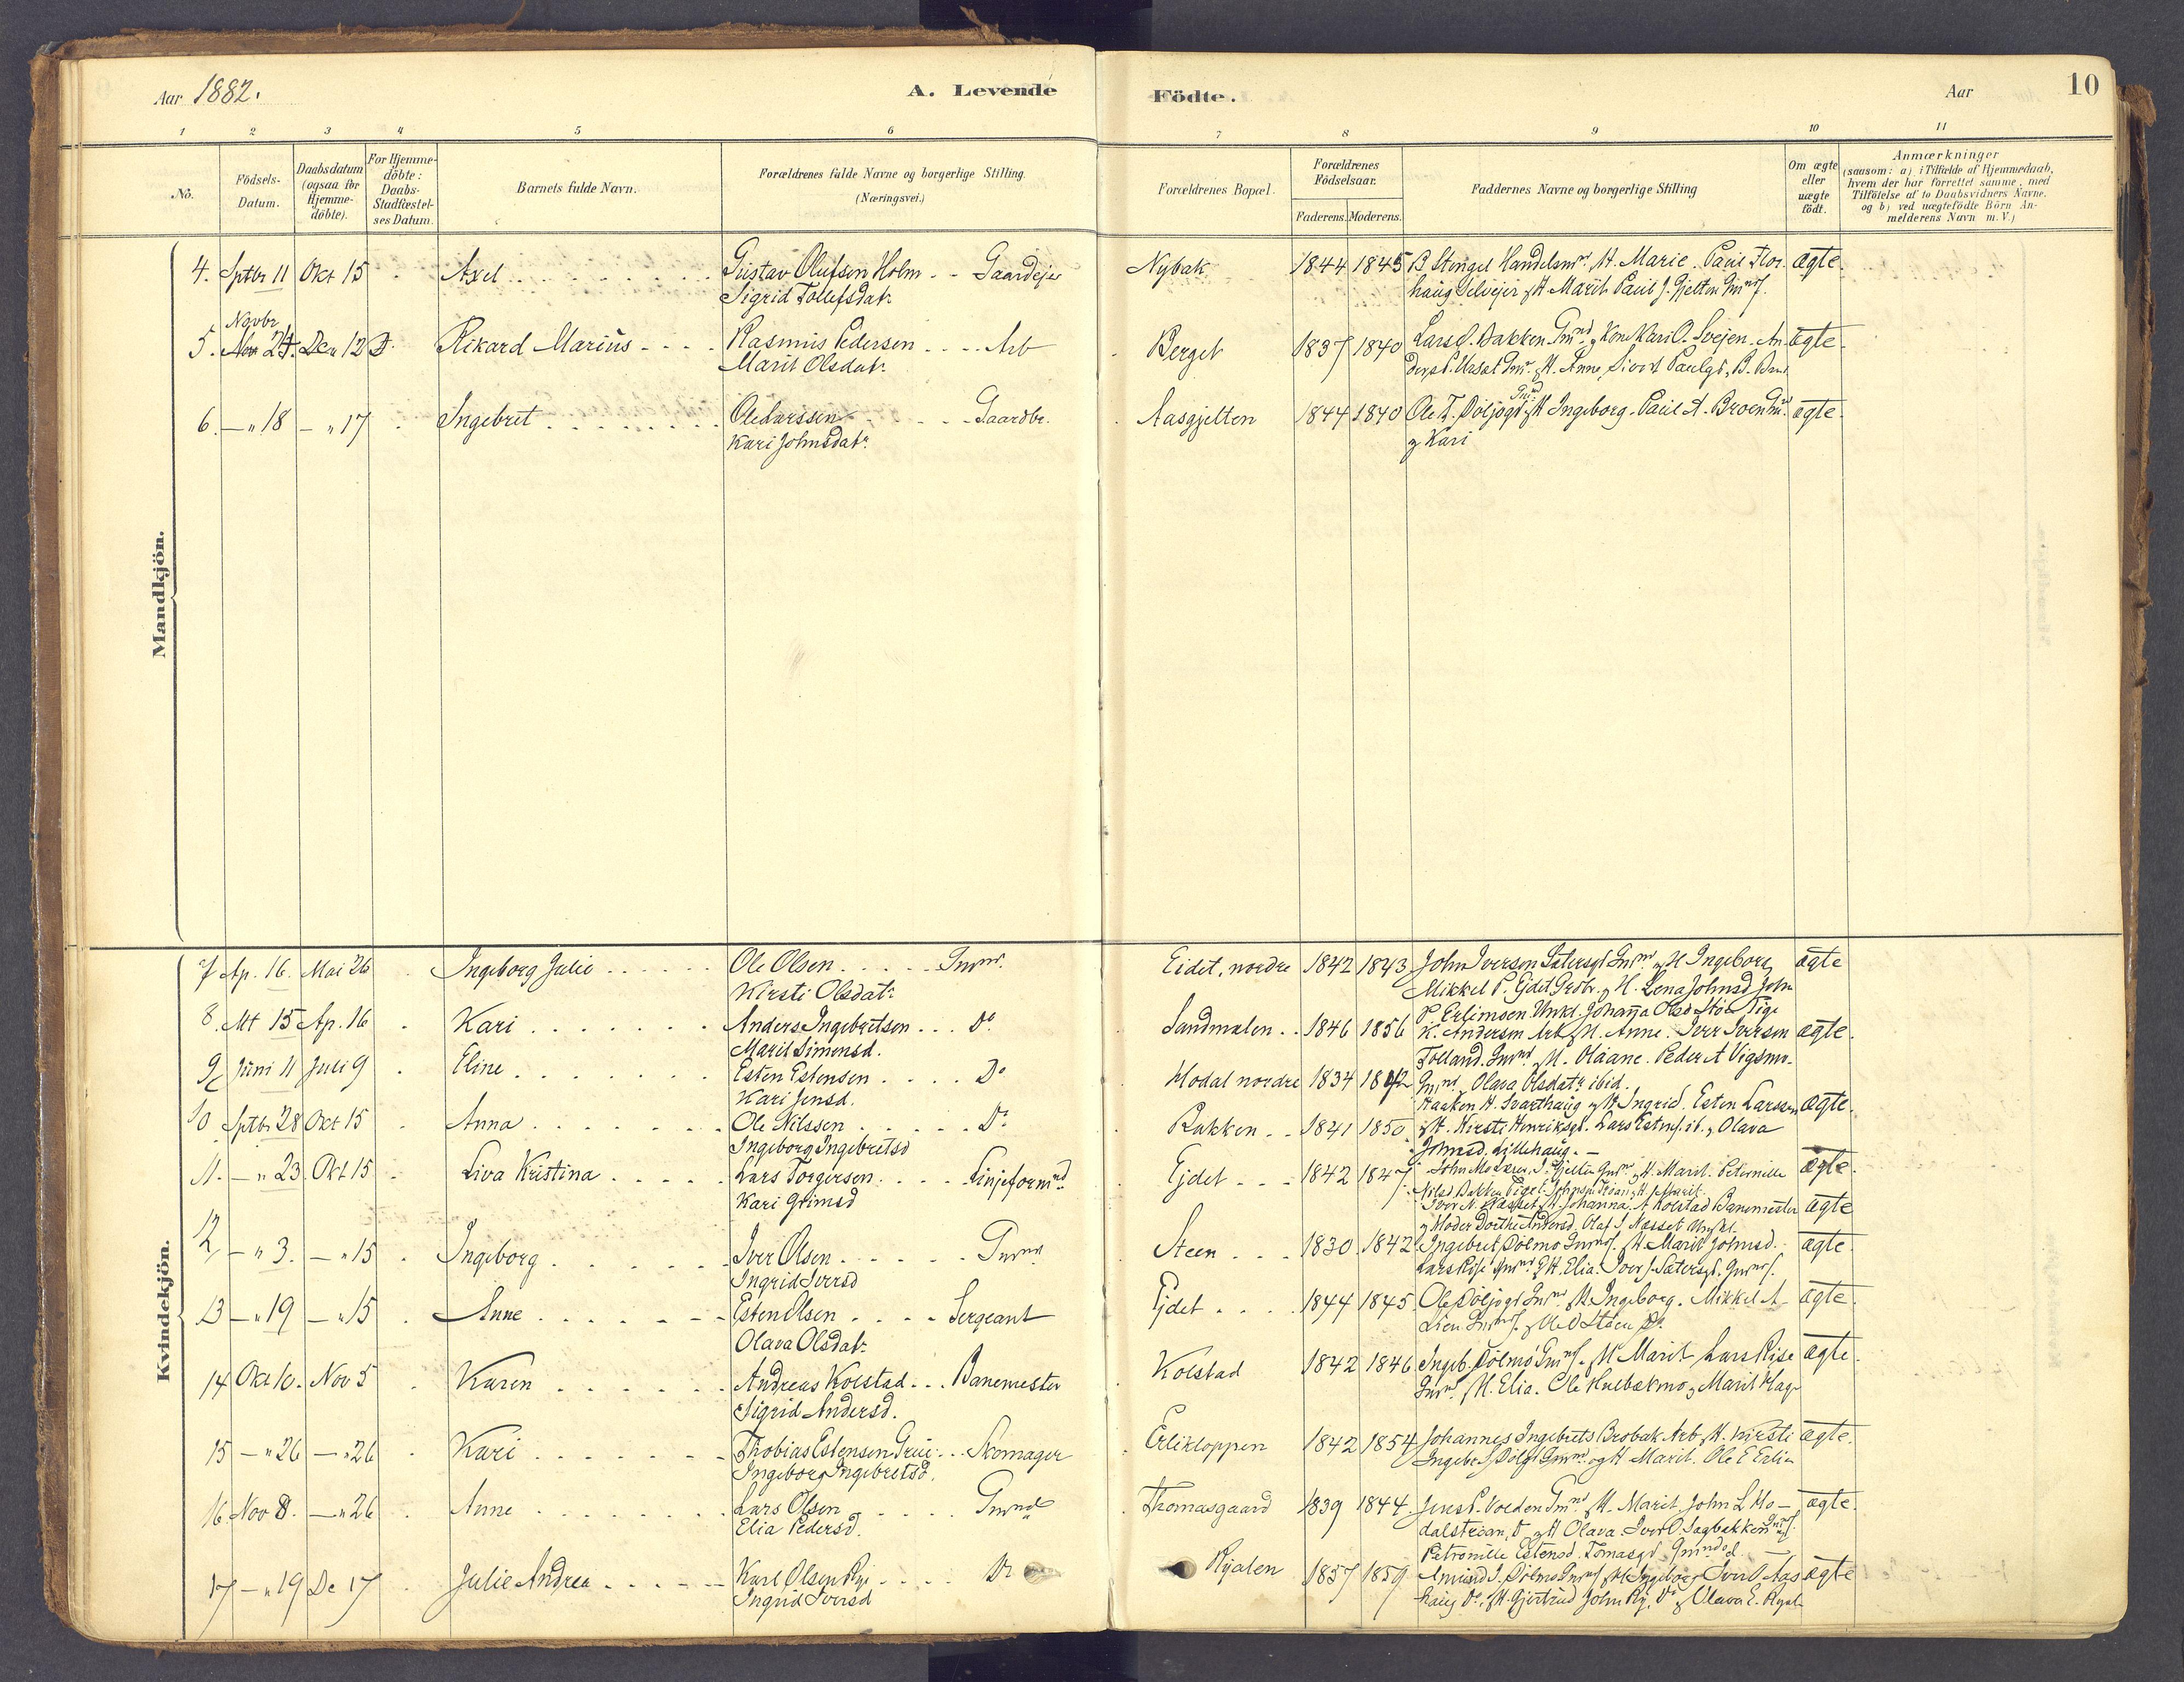 SAH, Tolga prestekontor, K/L0011: Ministerialbok nr. 11, 1877-1920, s. 10